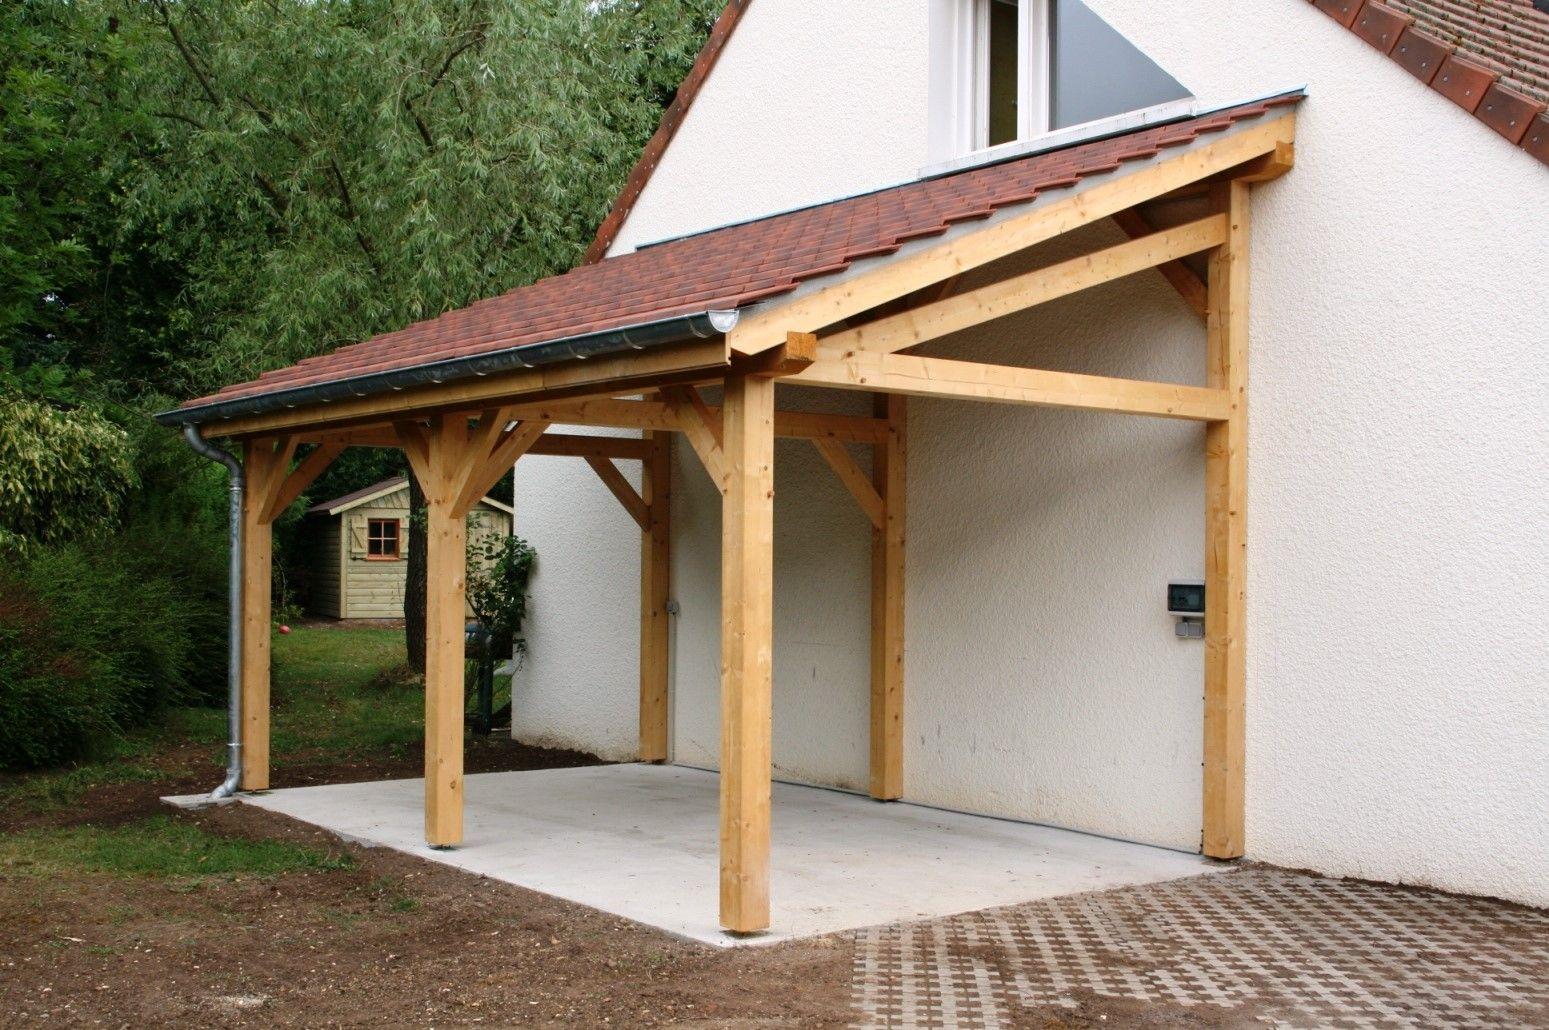 Shed Plans - Garage 1 pente 2.70mx7.00m - Cerisier : abris de jardin ...